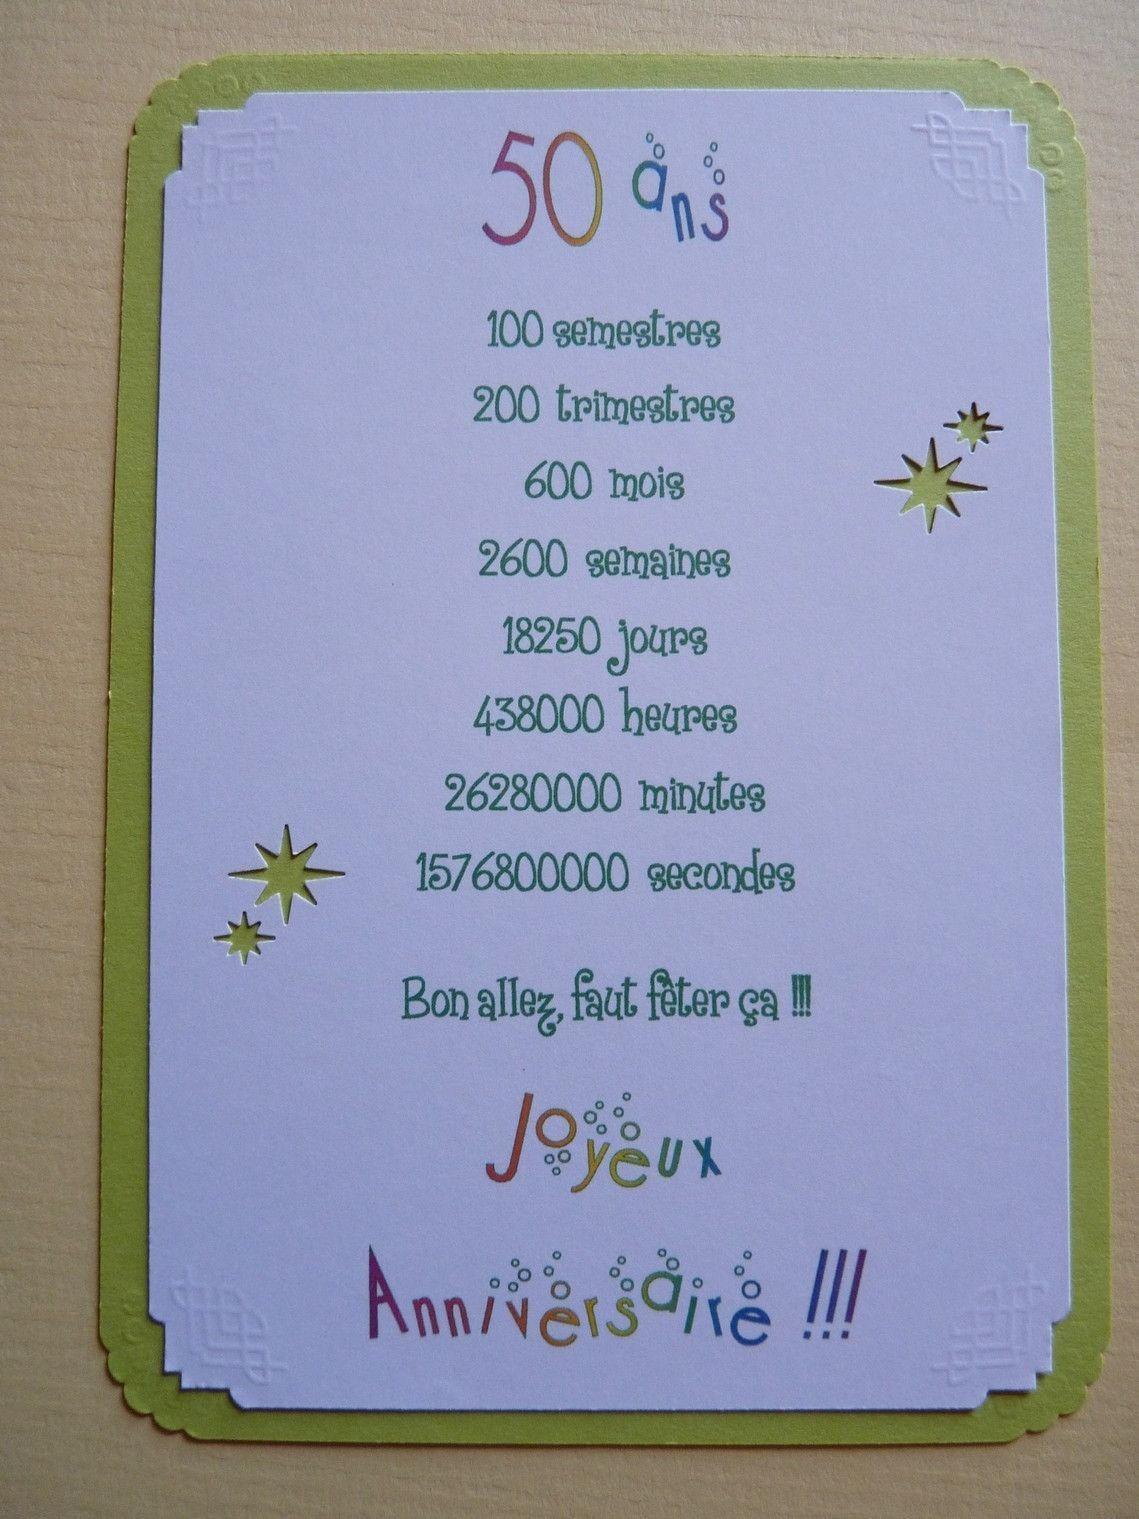 Discours D Anniversaire 30 Ans Gratuit Luxury Modele Lettre Anniversaire 50 Ans De Mariage Document Line